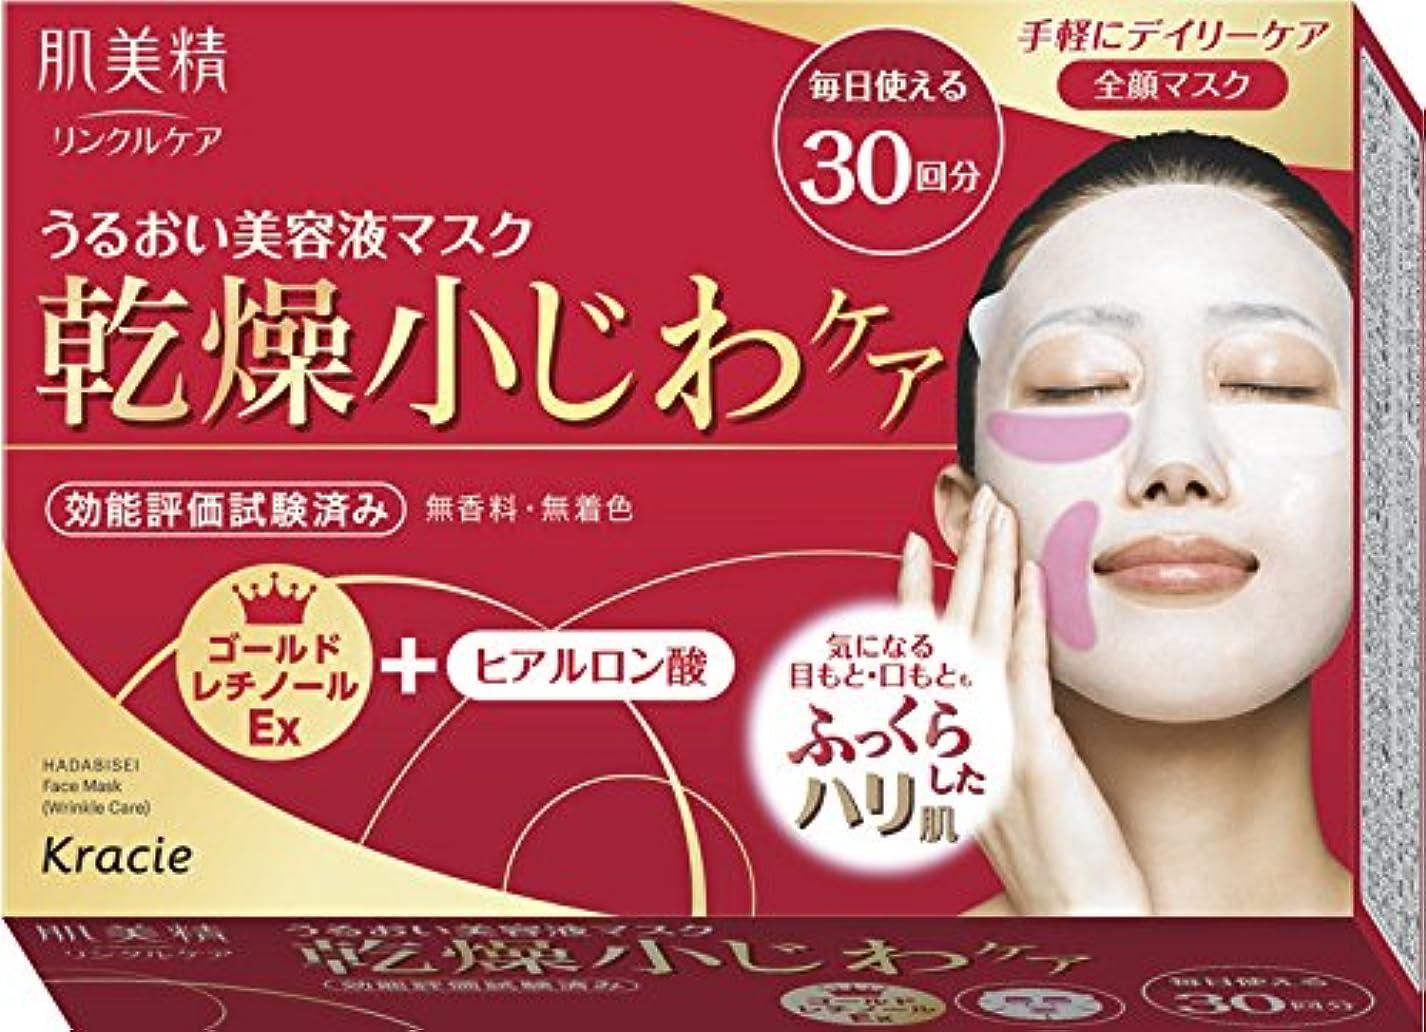 革命まぶしさ咽頭肌美精 デイリーリンクルケア美容液マスク 30枚